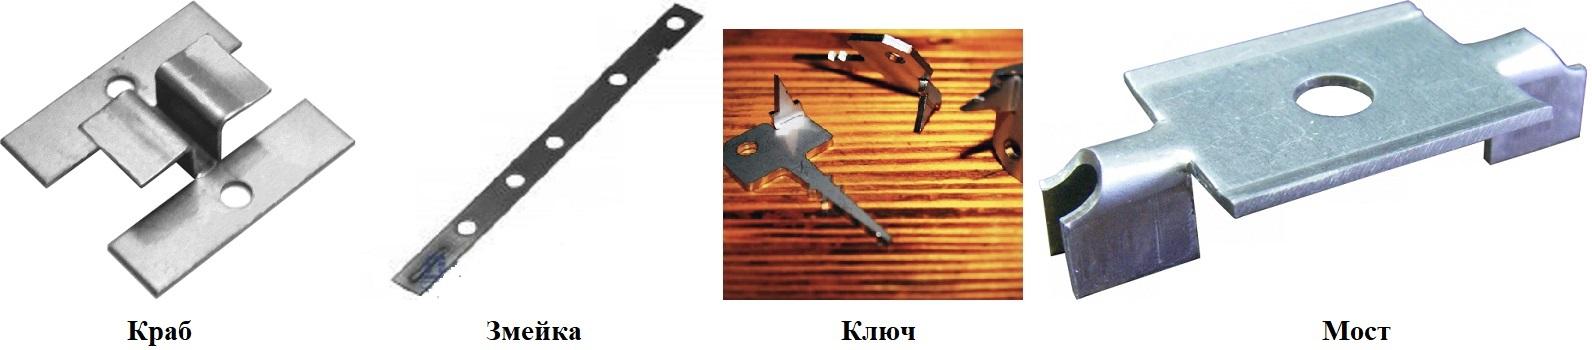 Крепежи типа змейка, ключ, краб, мост